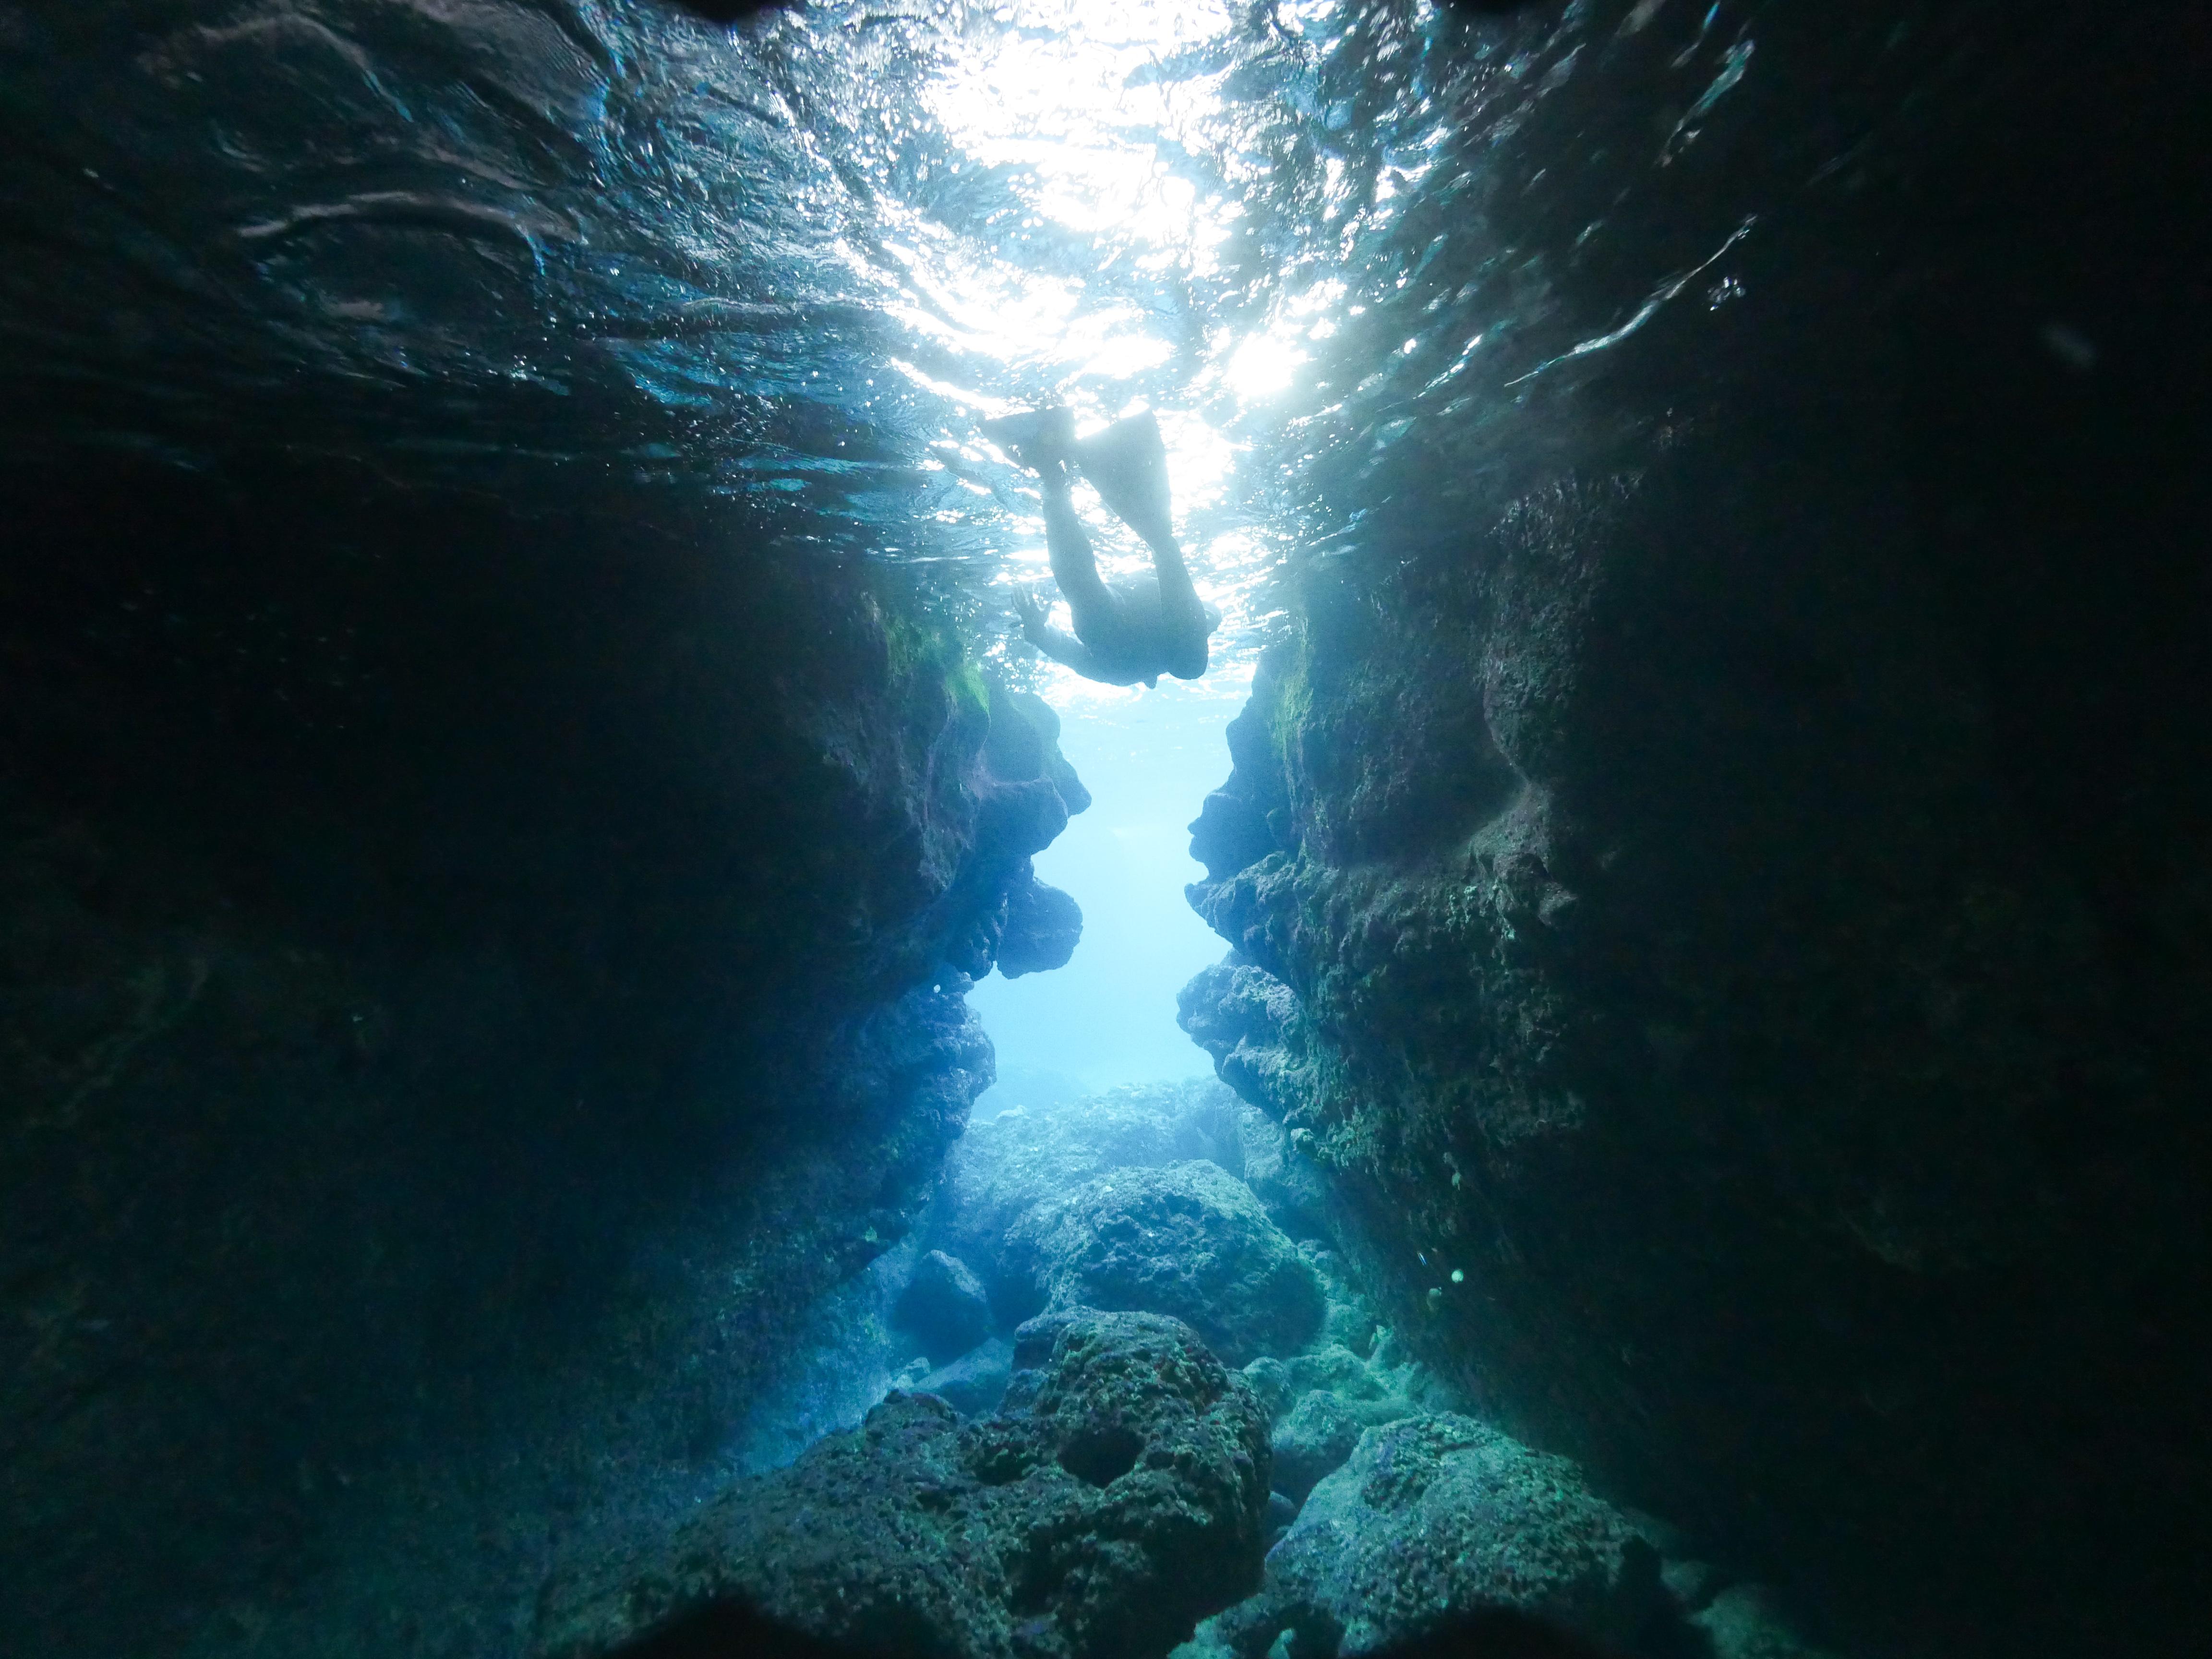 青の洞窟でのシュノーケル